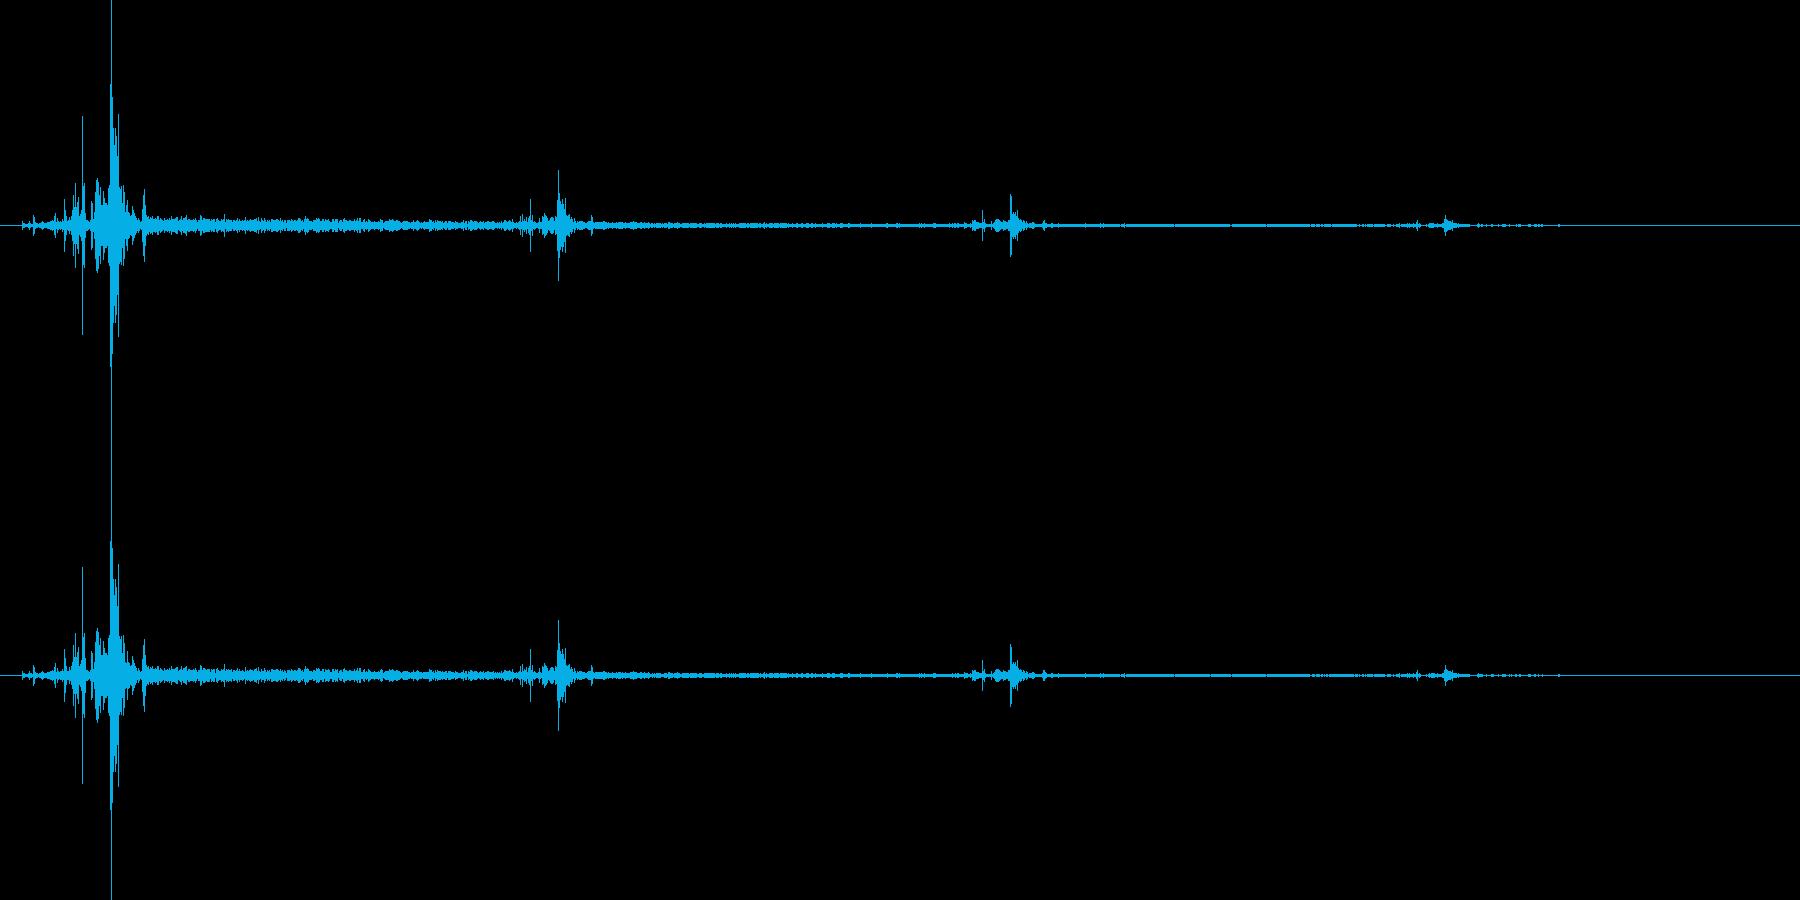 ピキッ……【ショックで固まる、呆然】の再生済みの波形